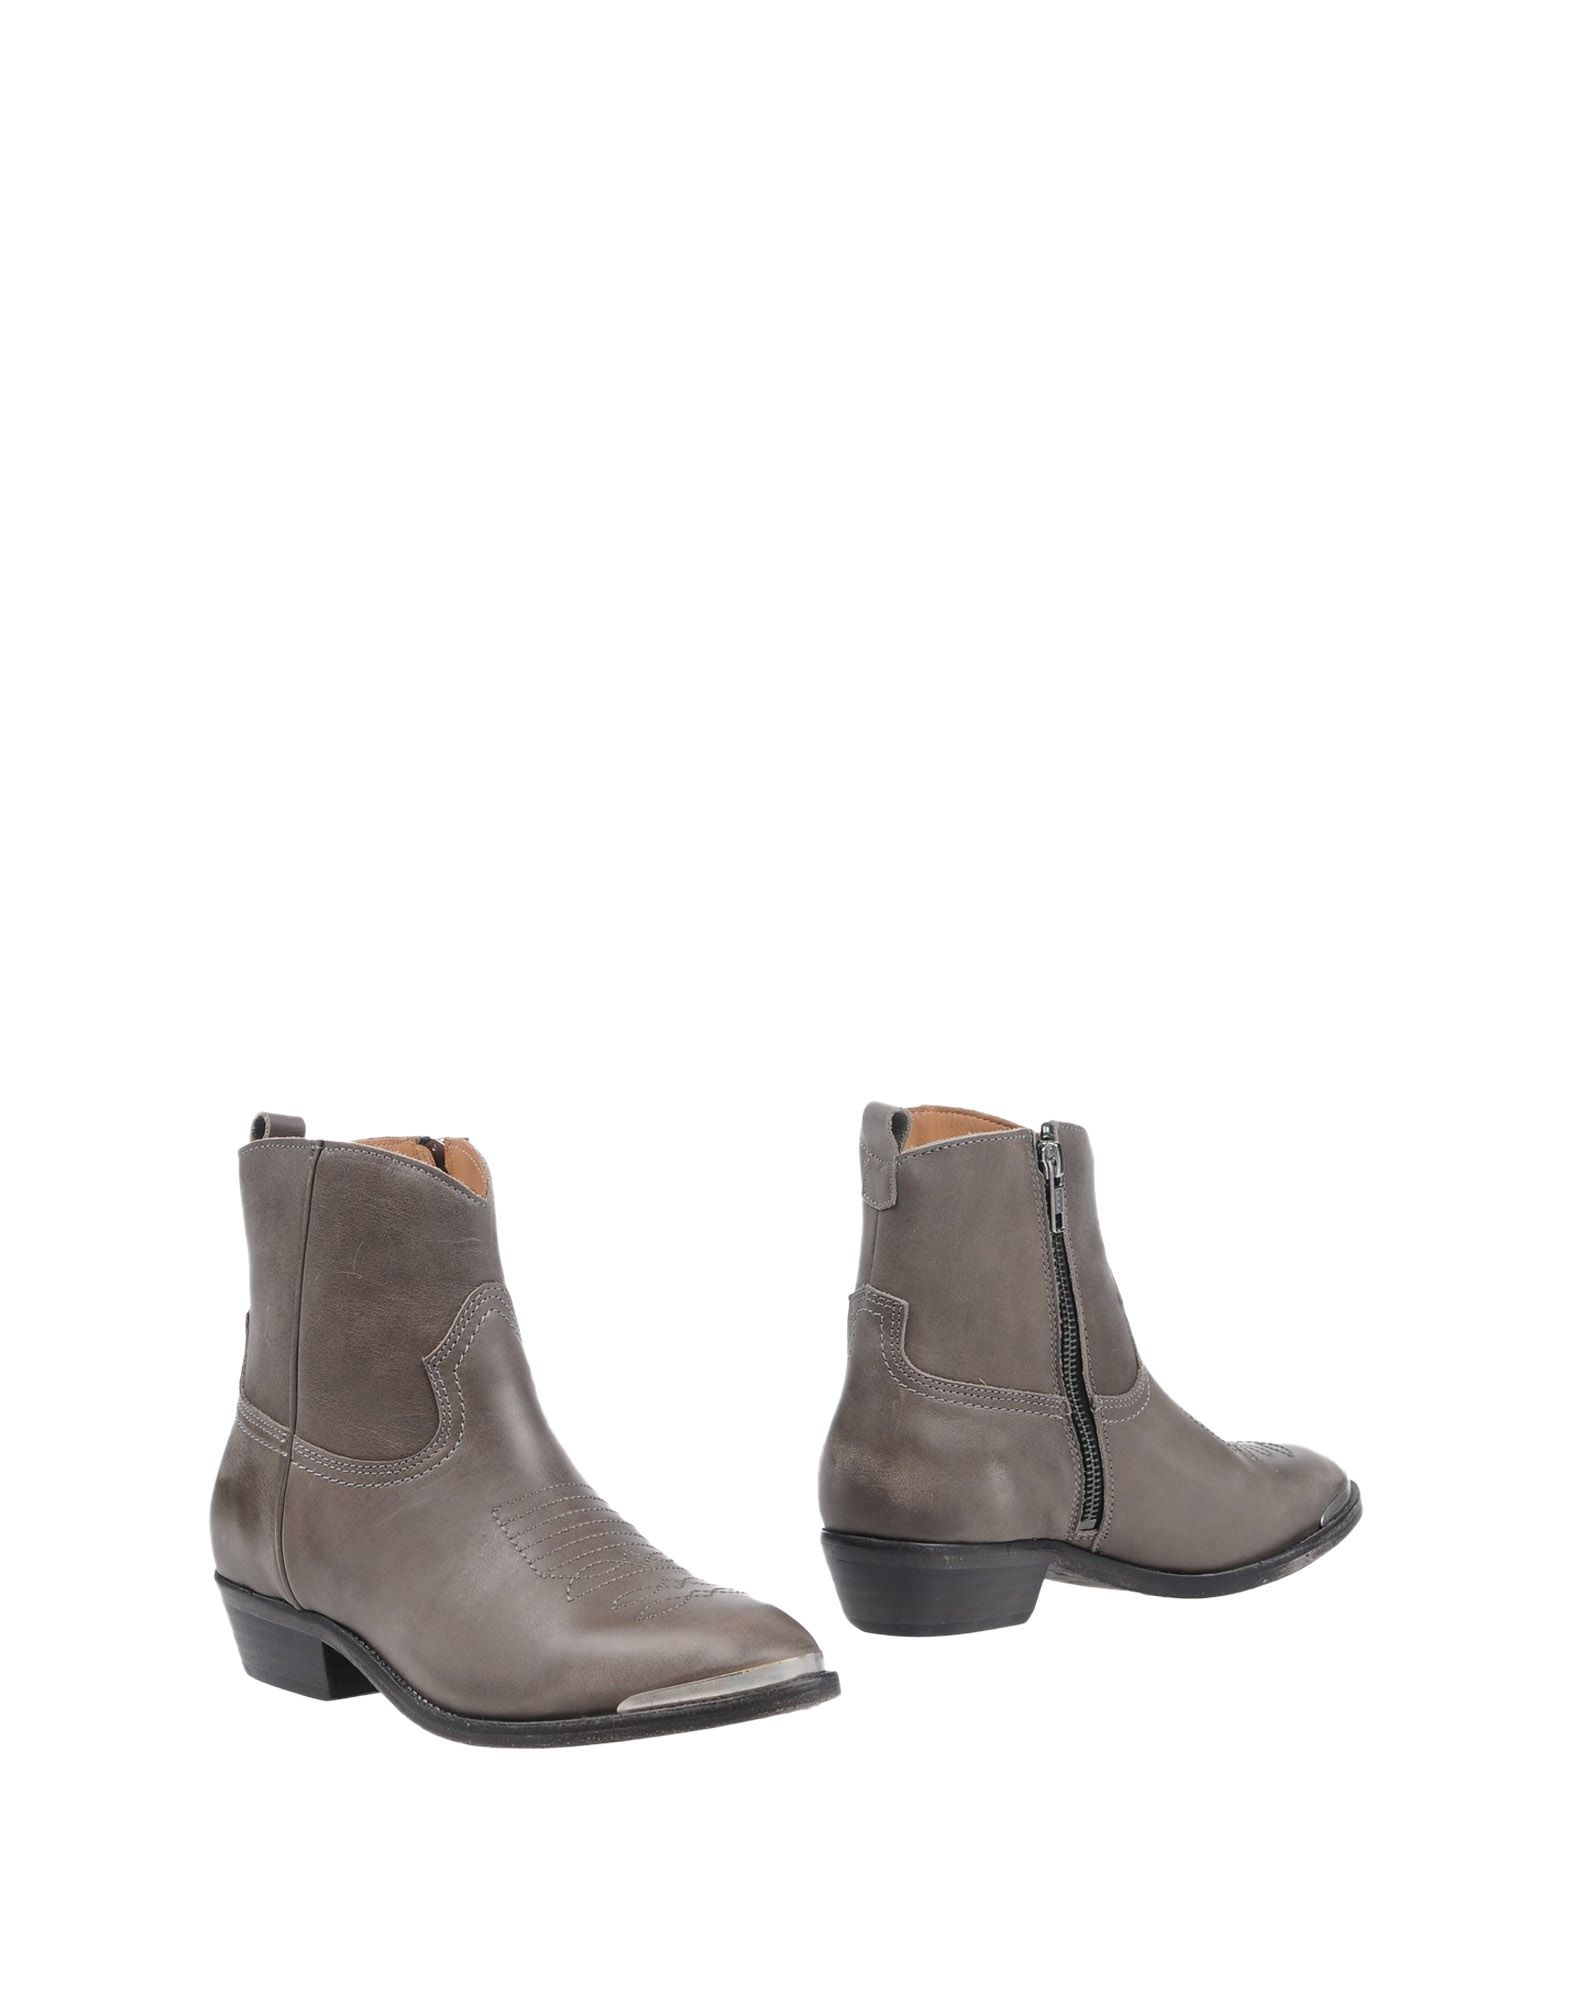 Gut um billige Schuhe zu tragenCatarina 11457874ML Martins Stiefelette Damen  11457874ML tragenCatarina 2954d2